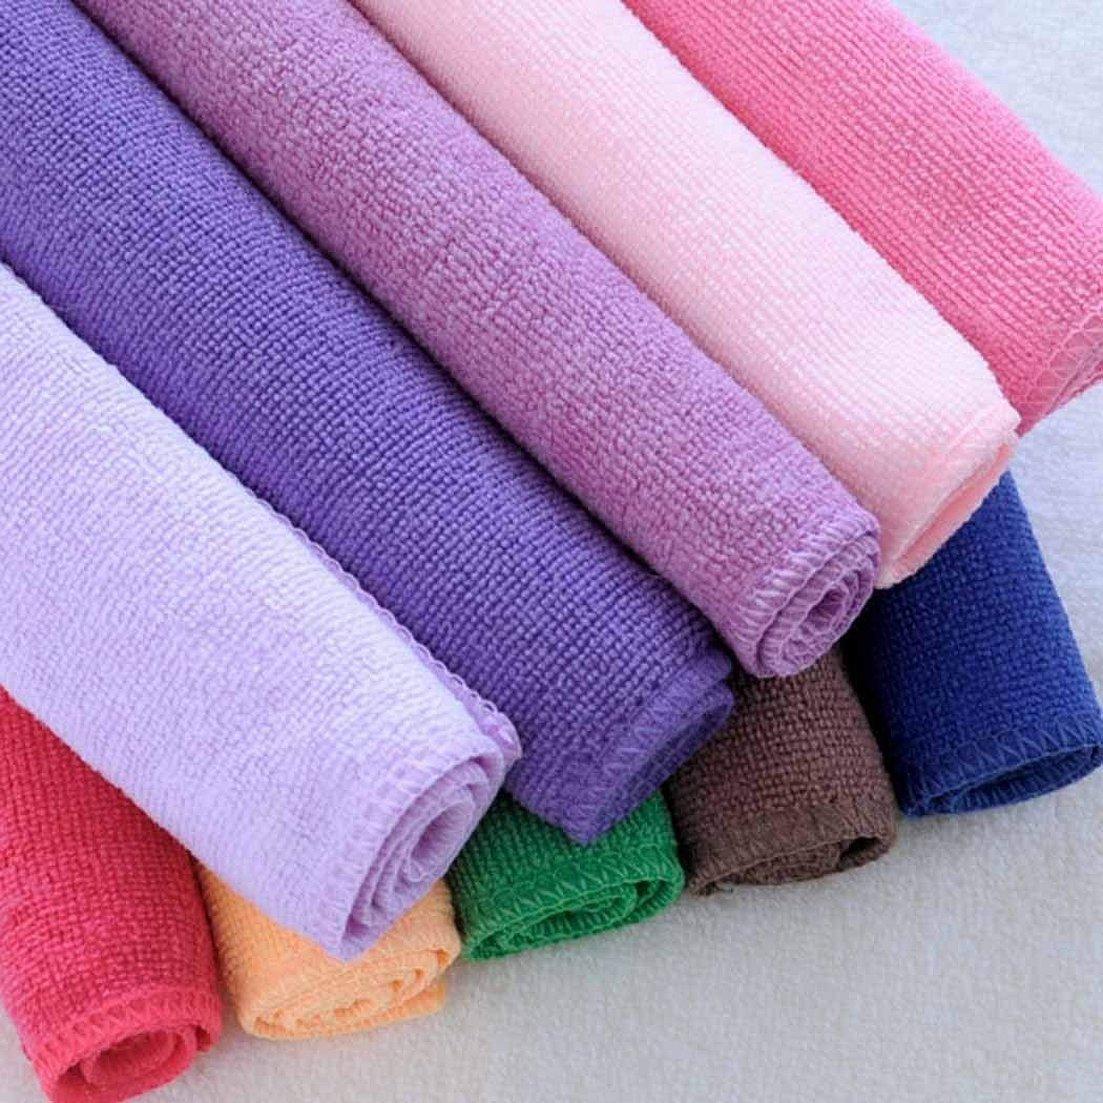 Микрофибра ткань для полотенец